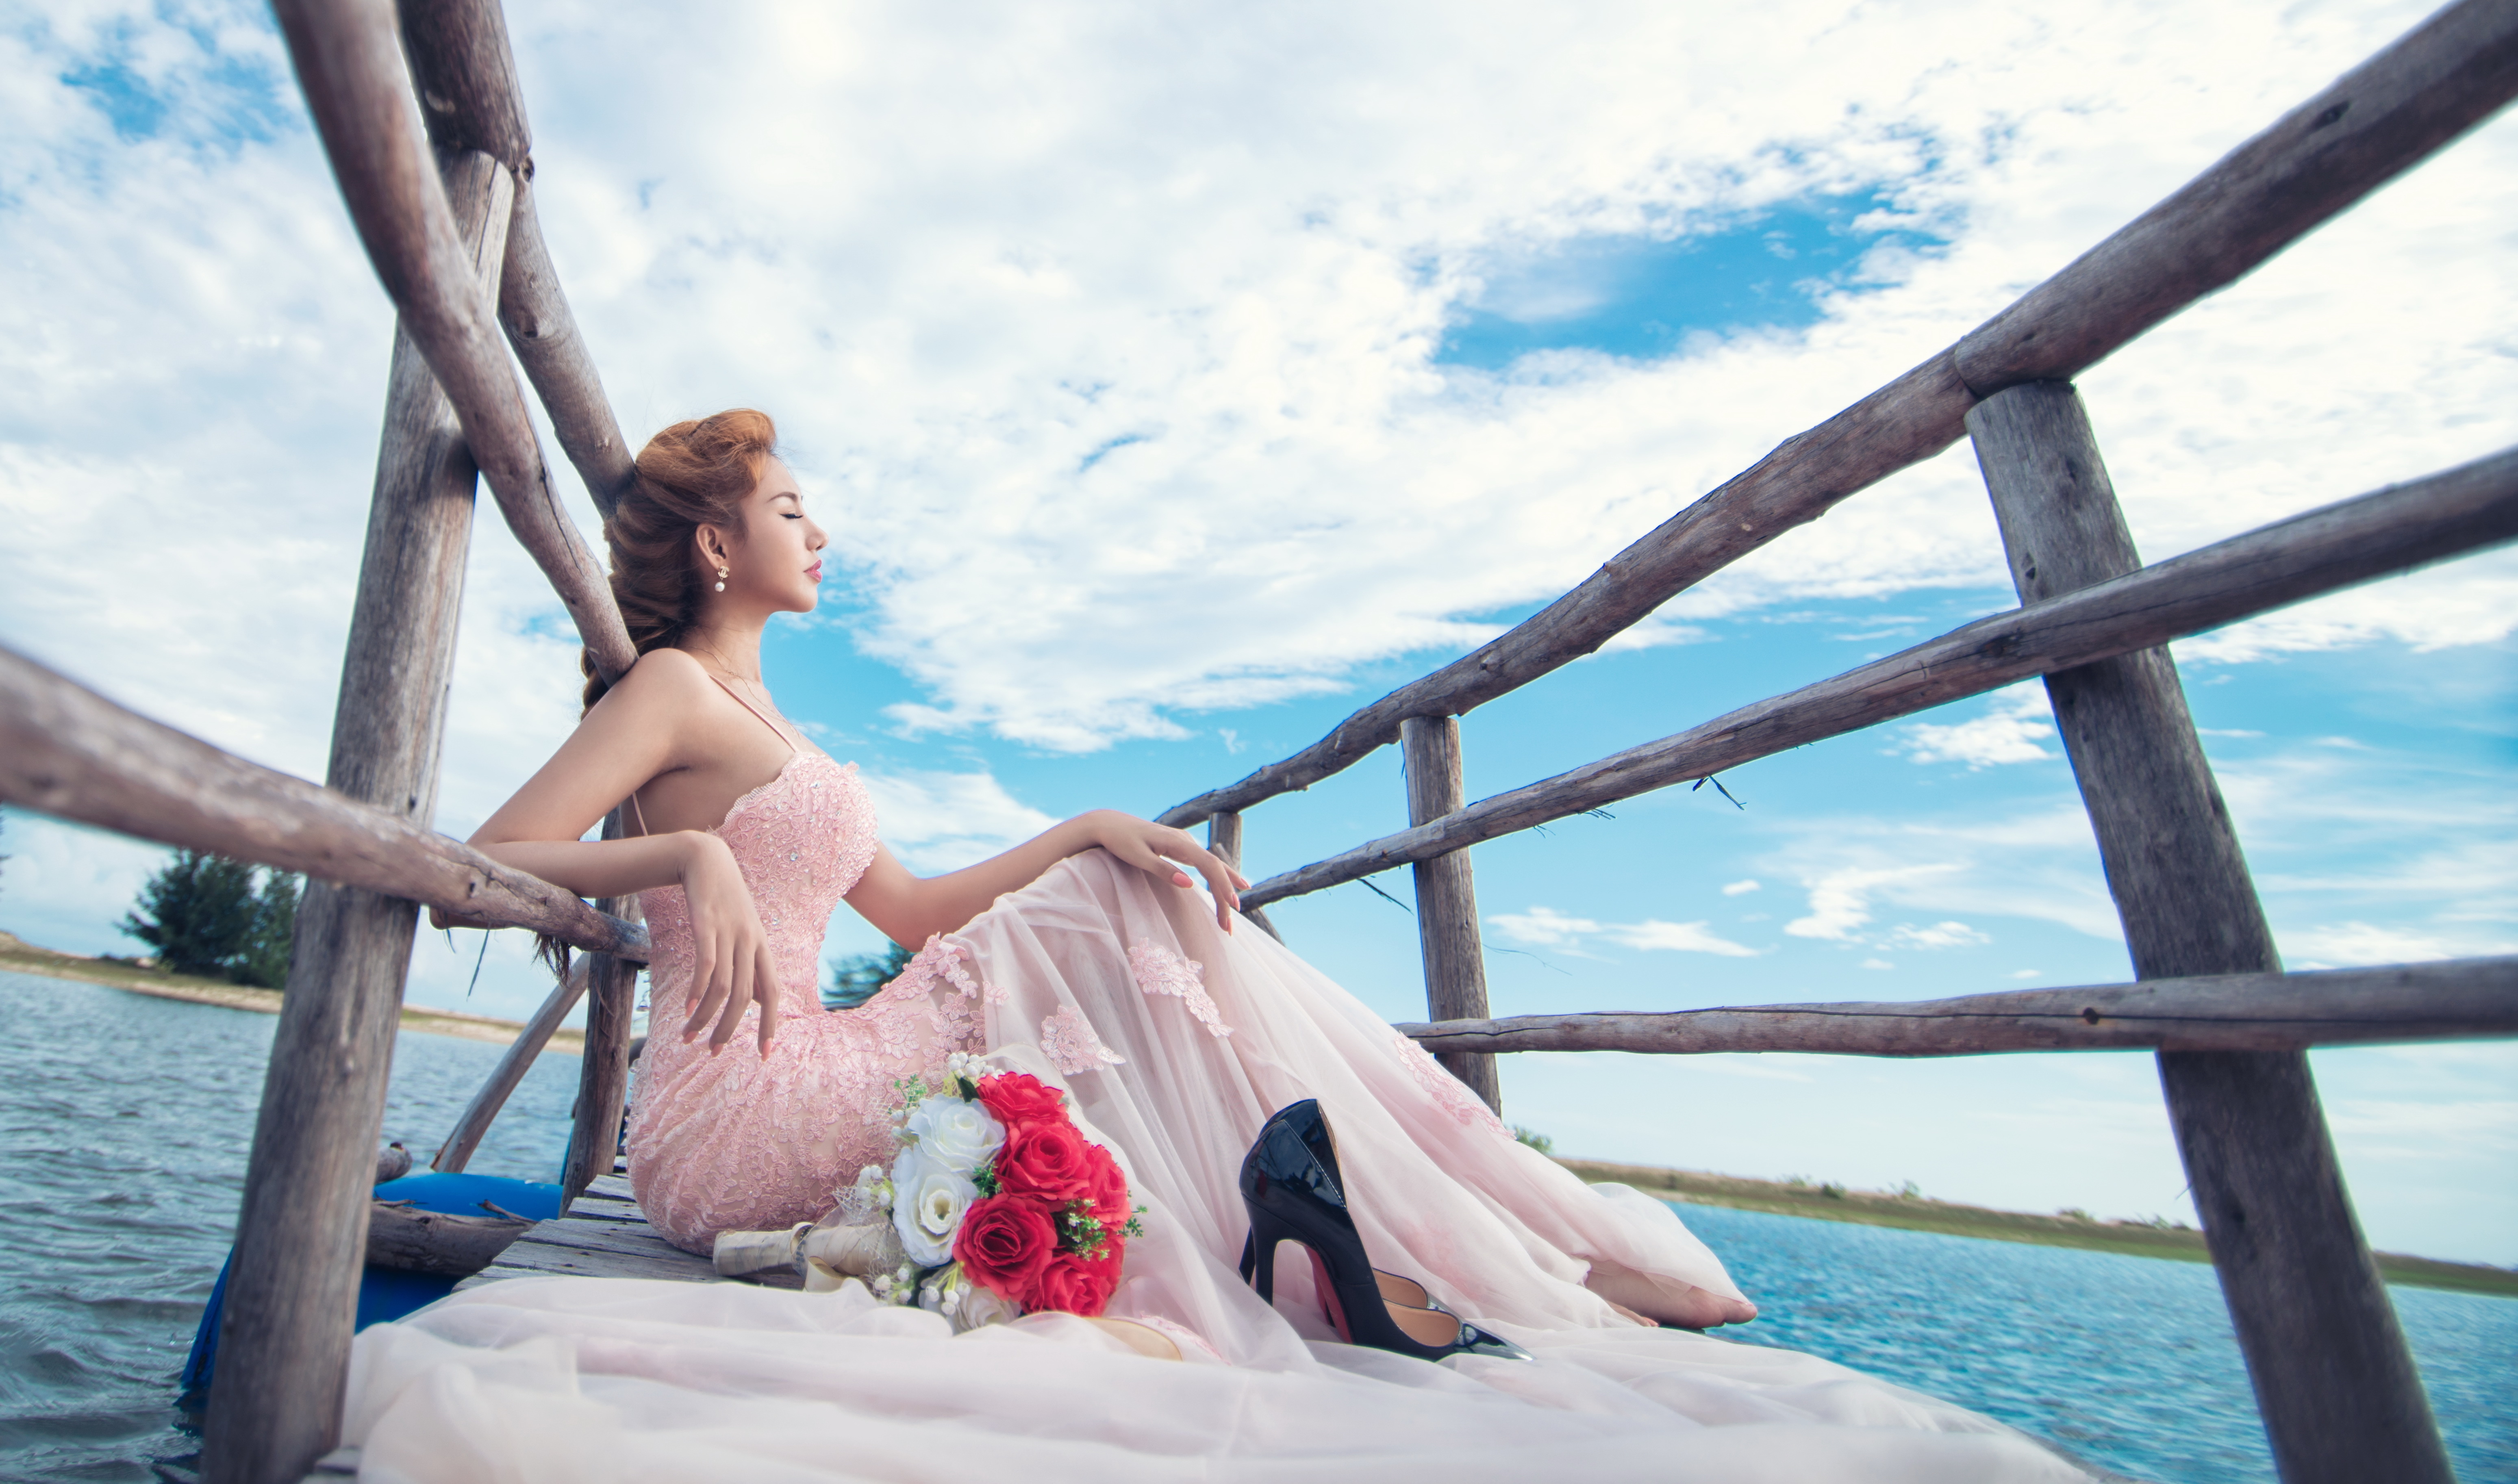 невеста  № 57985 загрузить